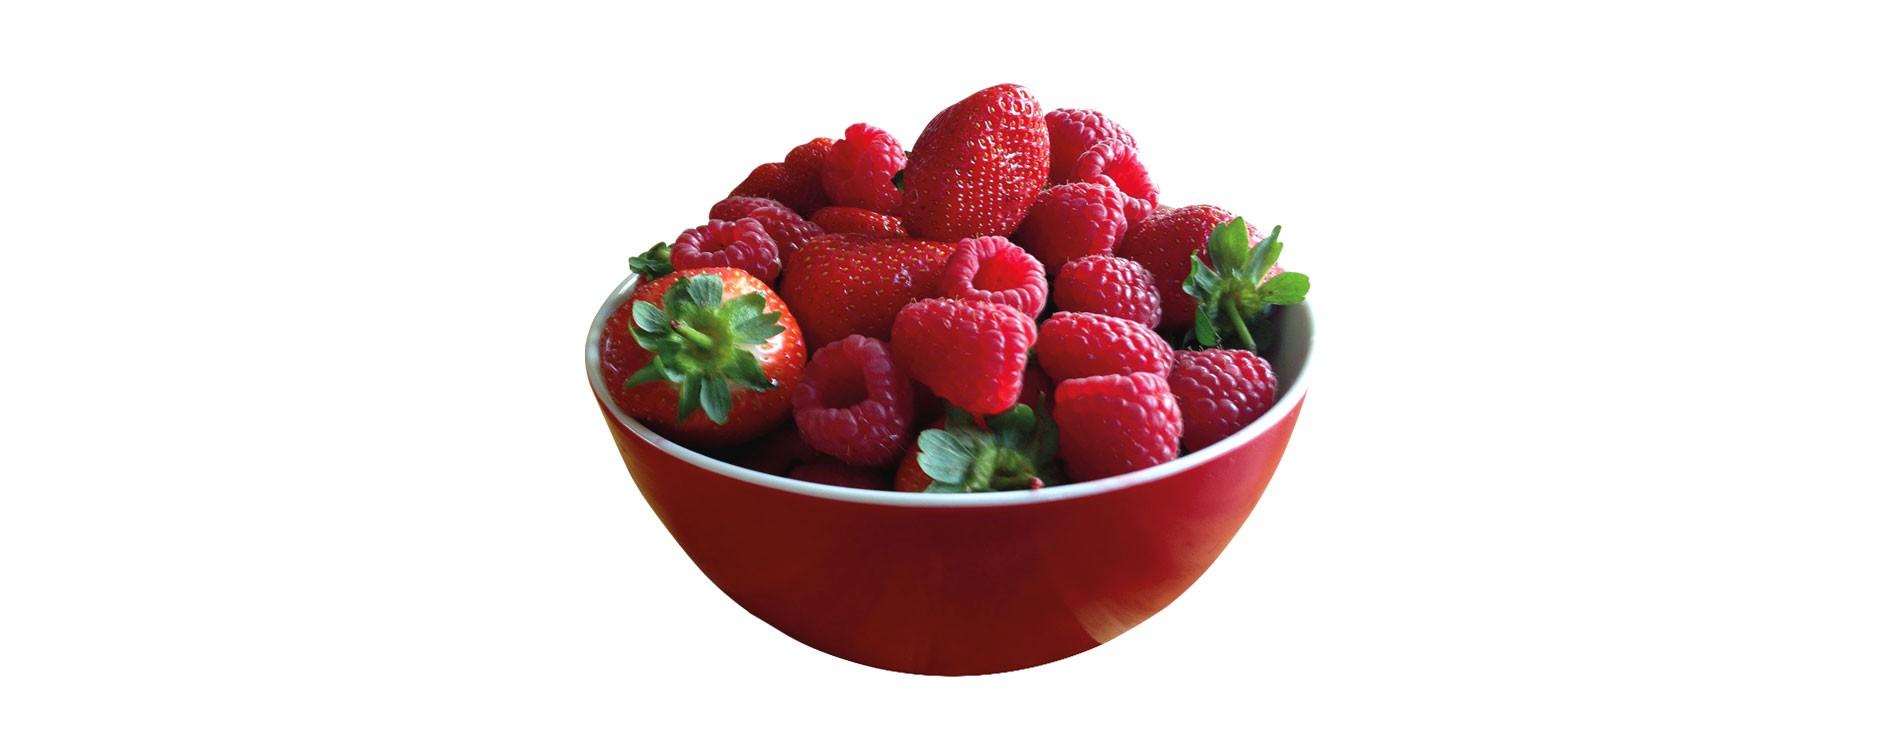 Abundante fuente de vitamina C